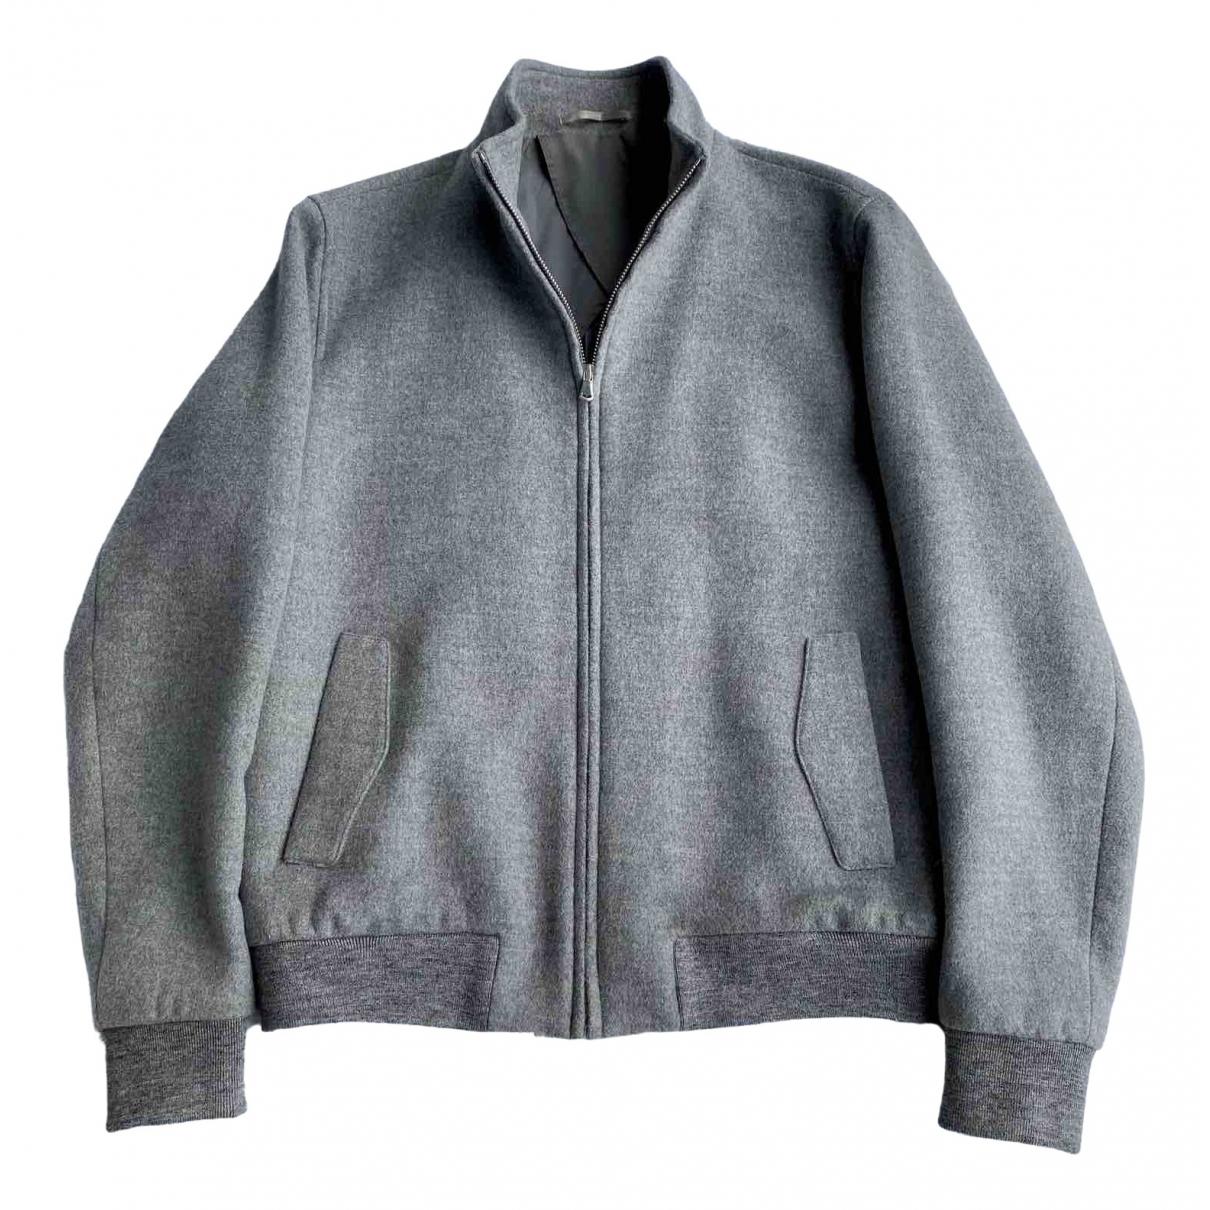 Reiss - Vestes.Blousons   pour homme en laine - gris